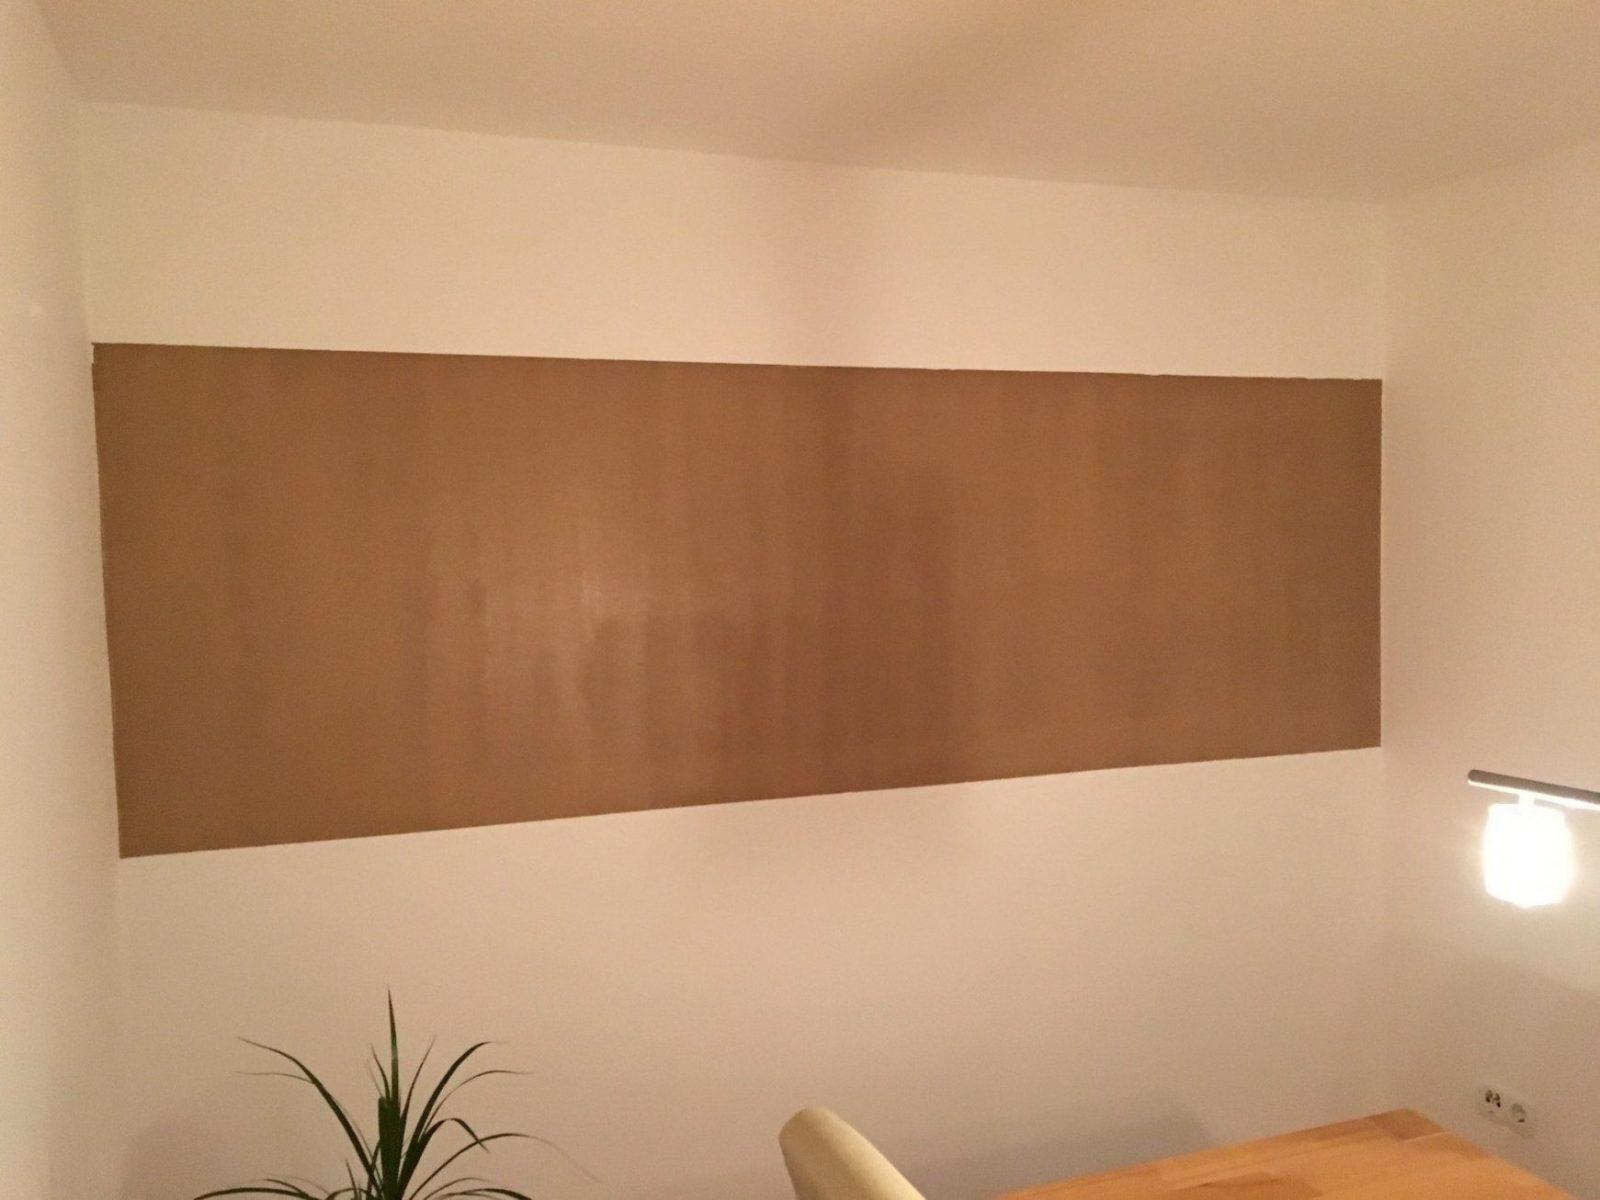 Saubere Kanten Bei Zweifarbiger Wand Streichen  So Geht Es von Streifen Streichen Abkleben Acryl Bild